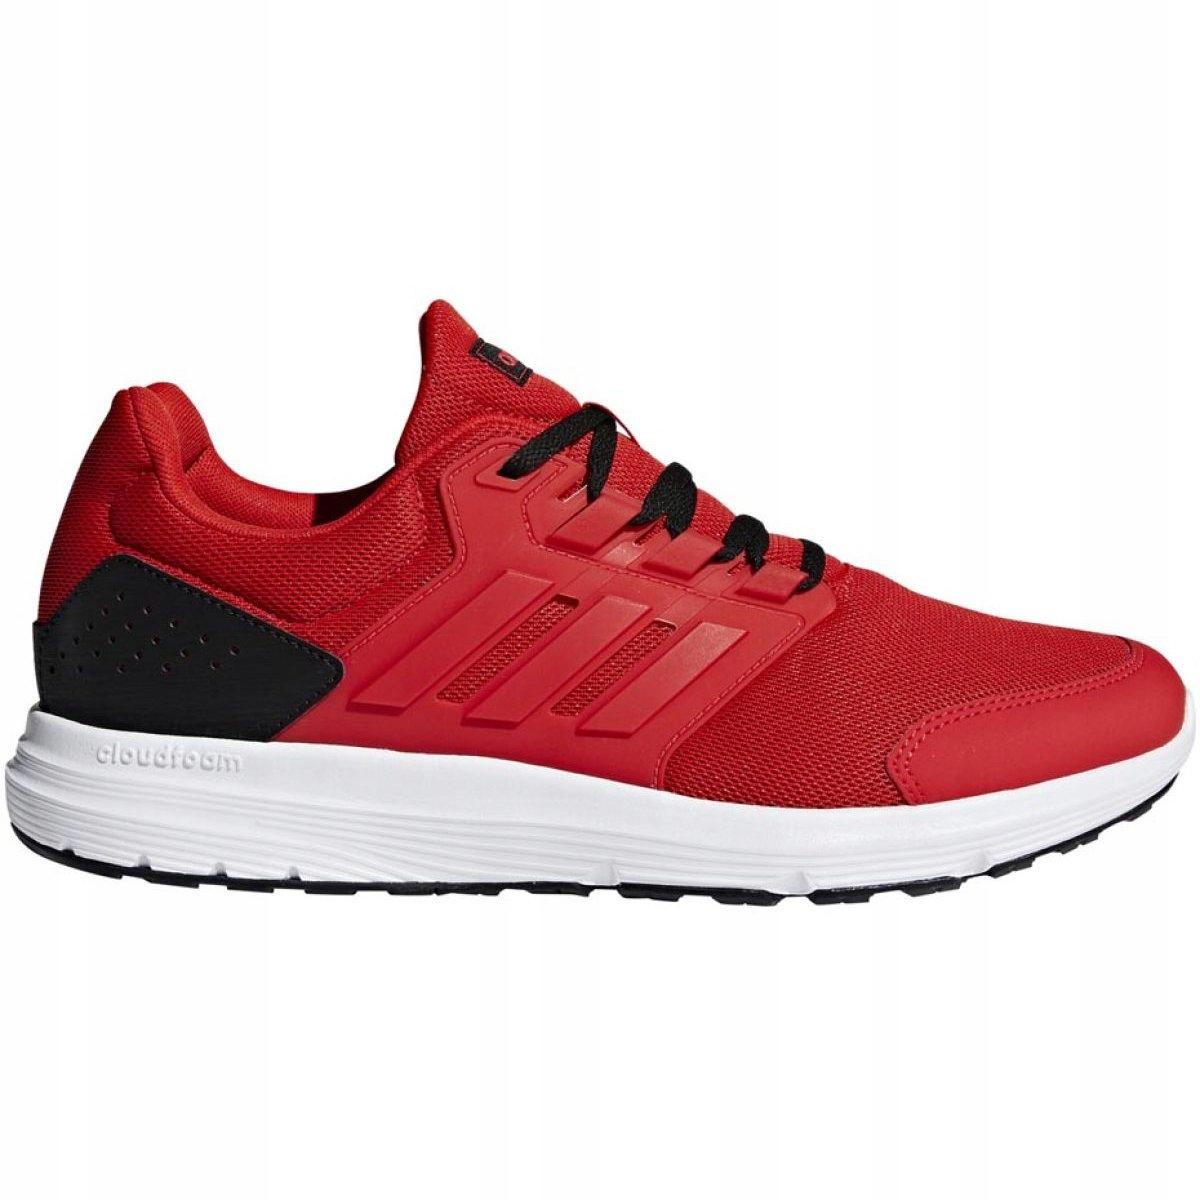 Czerwone Syntetyk Buty Treningowe Adidas r.46